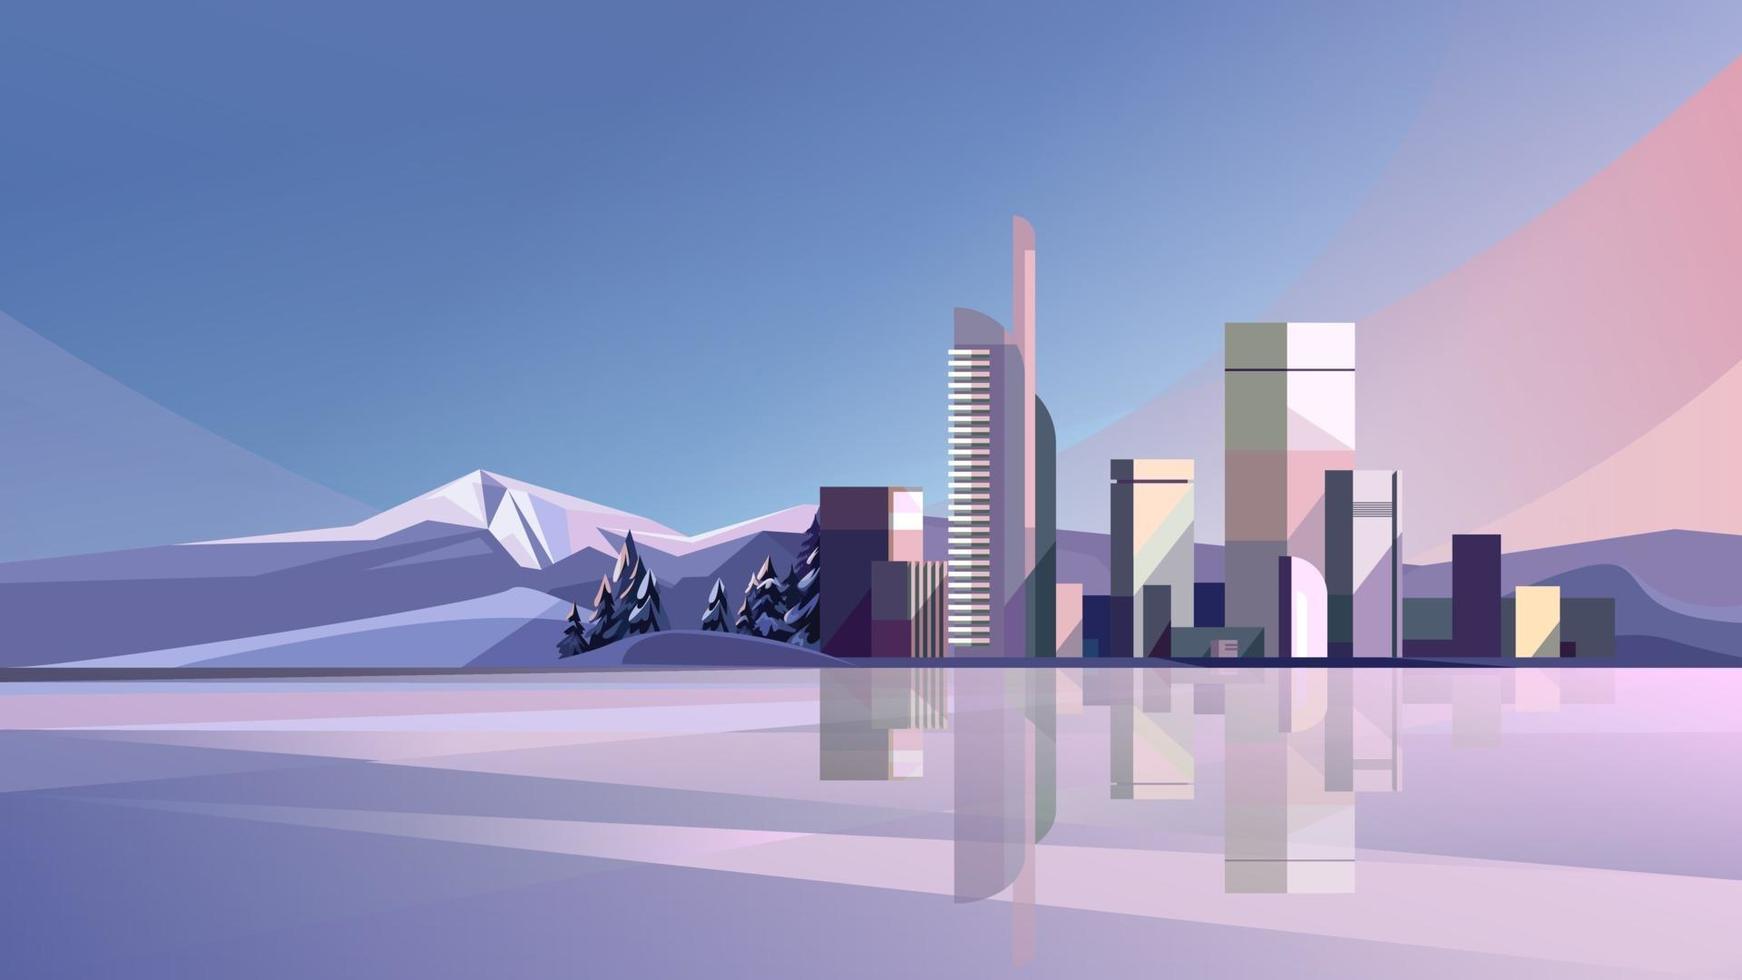 cidade de inverno com lago e montanhas vetor